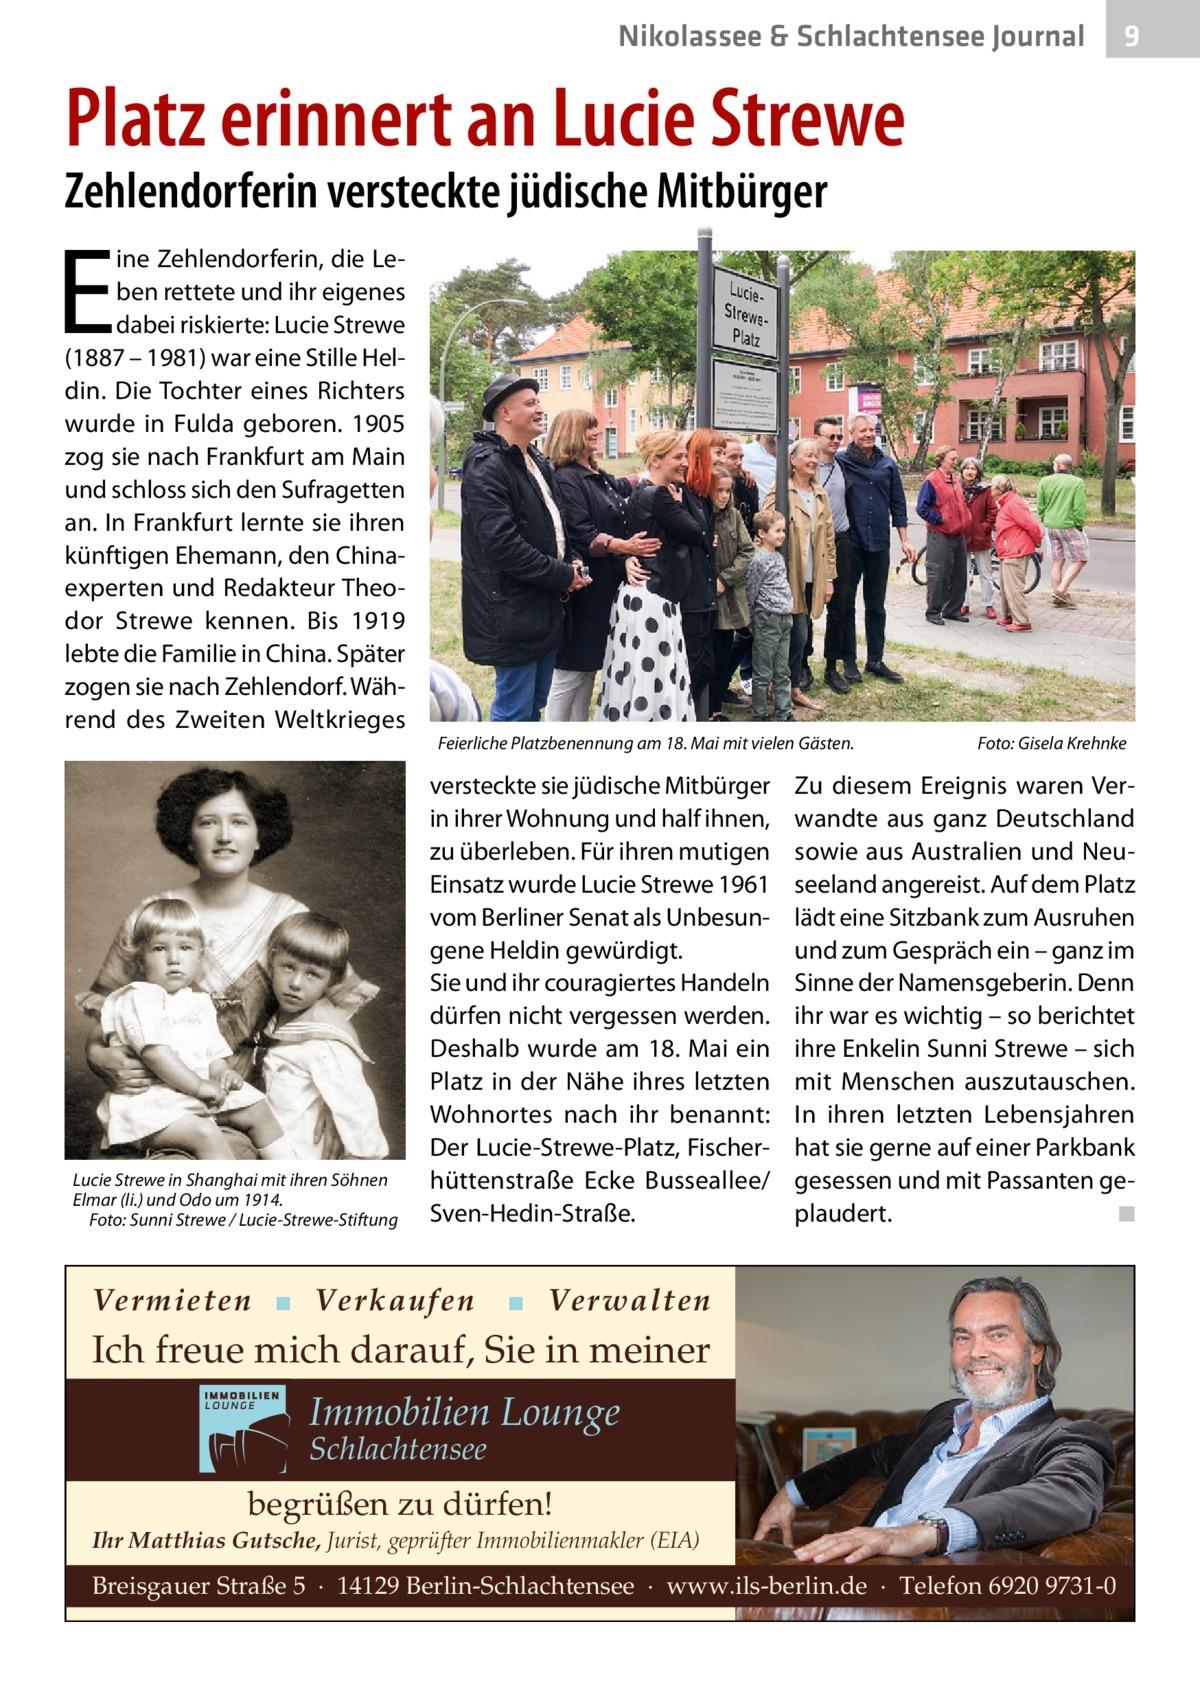 Nikolassee & Schlachtensee Journal  9  Platz erinnert an Lucie Strewe Zehlendorferin versteckte jüdische Mitbürger  E  ine Zehlendorferin, die Leben rettete und ihr eigenes dabei riskierte: Lucie Strewe (1887 – 1981) war eine Stille Heldin. Die Tochter eines Richters wurde in Fulda geboren. 1905 zog sie nach Frankfurt am Main und schloss sich den Sufragetten an. In Frankfurt lernte sie ihren künftigen Ehemann, den Chinaexperten und Redakteur Theodor Strewe kennen. Bis 1919 lebte die Familie in China. Später zogen sie nach Zehlendorf. Während des Zweiten Weltkrieges  Lucie Strewe in Shanghai mit ihren Söhnen Elmar (li.) und Odo um 1914. Foto: Sunni Strewe / Lucie-Strewe-Stiftung  Feierliche Platzbenennung am 18. Mai mit vielen Gästen.  versteckte sie jüdische Mitbürger in ihrer Wohnung und half ihnen, zu überleben. Für ihren mutigen Einsatz wurde Lucie Strewe 1961 vom Berliner Senat als Unbesungene Heldin gewürdigt. Sie und ihr couragiertes Handeln dürfen nicht vergessen werden. Deshalb wurde am 18.Mai ein Platz in der Nähe ihres letzten Wohnortes nach ihr benannt: Der Lucie-Strewe-Platz, Fischerhüttenstraße Ecke Busseallee/ Sven-Hedin-Straße.  Vermieten ▪ Verkaufen  Foto: Gisela Krehnke  Zu diesem Ereignis waren Verwandte aus ganz Deutschland sowie aus Australien und Neuseeland angereist. Auf dem Platz lädt eine Sitzbank zum Ausruhen und zum Gespräch ein – ganz im Sinne der Namensgeberin. Denn ihr war es wichtig – so berichtet ihre Enkelin Sunni Strewe – sich mit Menschen auszutauschen. In ihren letzten Lebensjahren hat sie gerne auf einer Parkbank gesessen und mit Passanten geplaudert. ◾  ▪ Verwalten  Ich freue mich darauf, Sie in meiner  Immobilien Lounge Schlachtensee  begrüßen zu dürfen! Ihr Matthias Gutsche, Jurist, geprüfter Immobilienmakler (EIA)  Breisgauer Straße 5 · 14129 Berlin-Schlachtensee · www.ils-berlin.de · Telefon 6920 9731-0